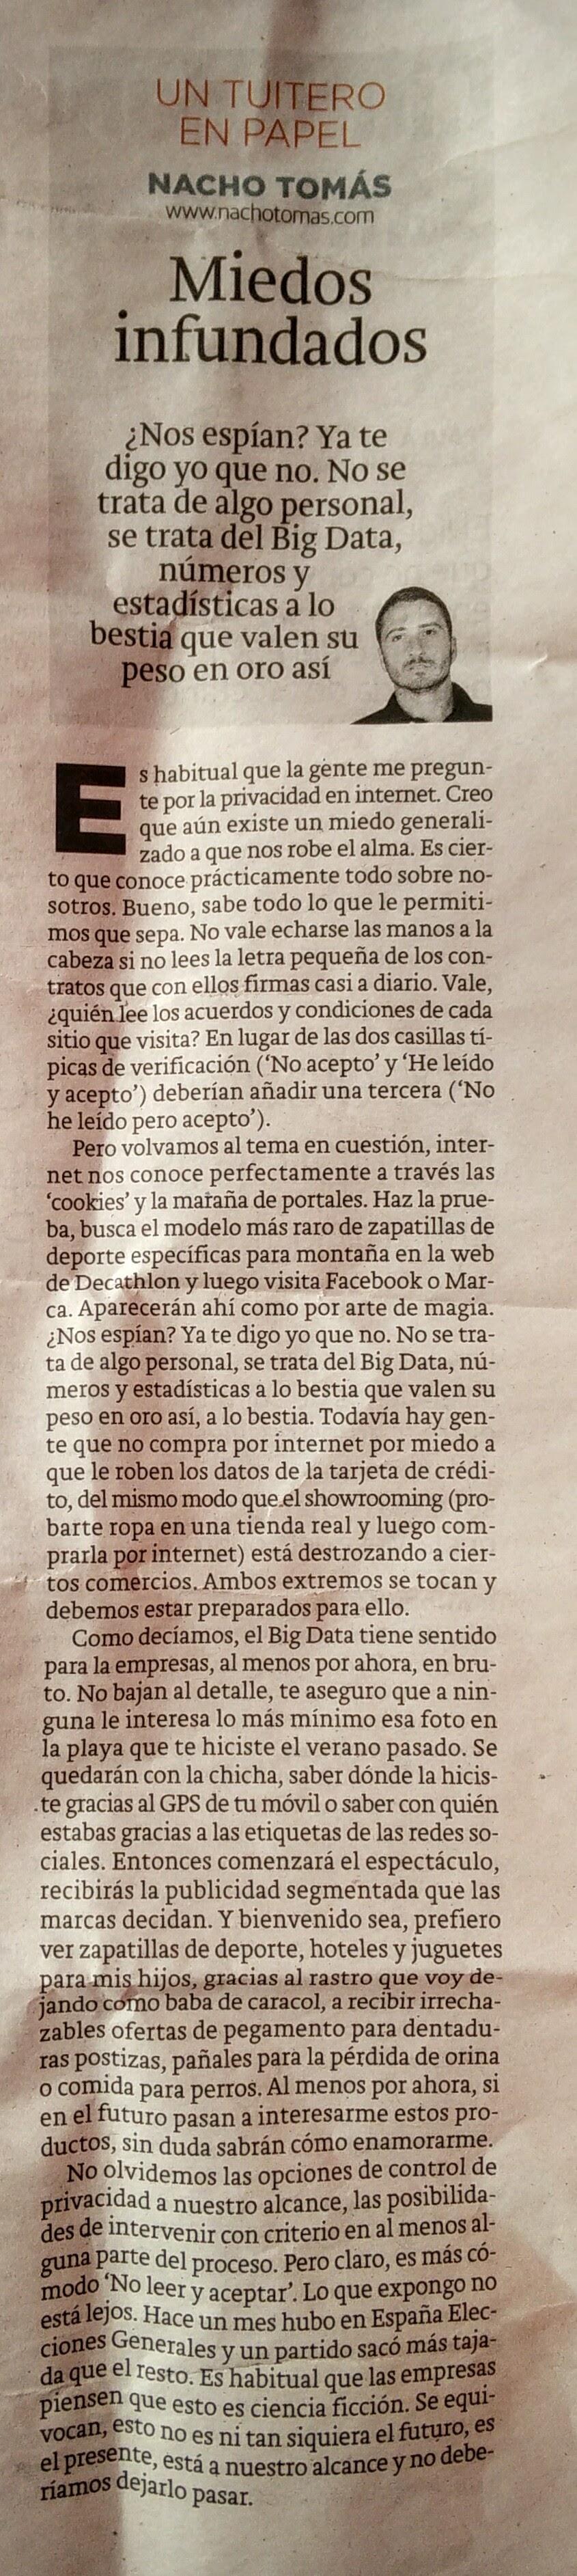 20.01.16 Miedos Infundados - Nacho Tomás - Un tuitero en papel - La Verdad de Murcia